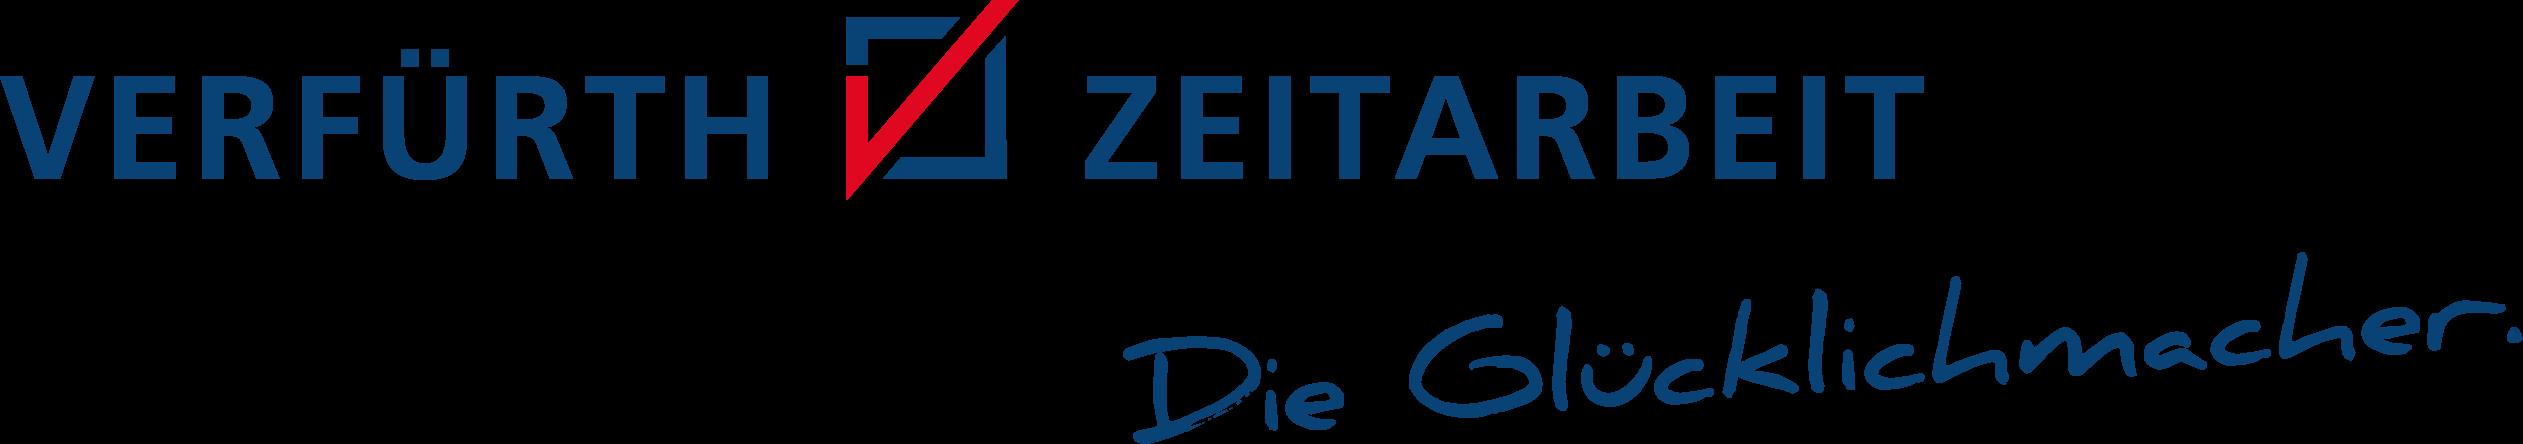 Verfürth Zeitarbeit GmbH & Co. KG